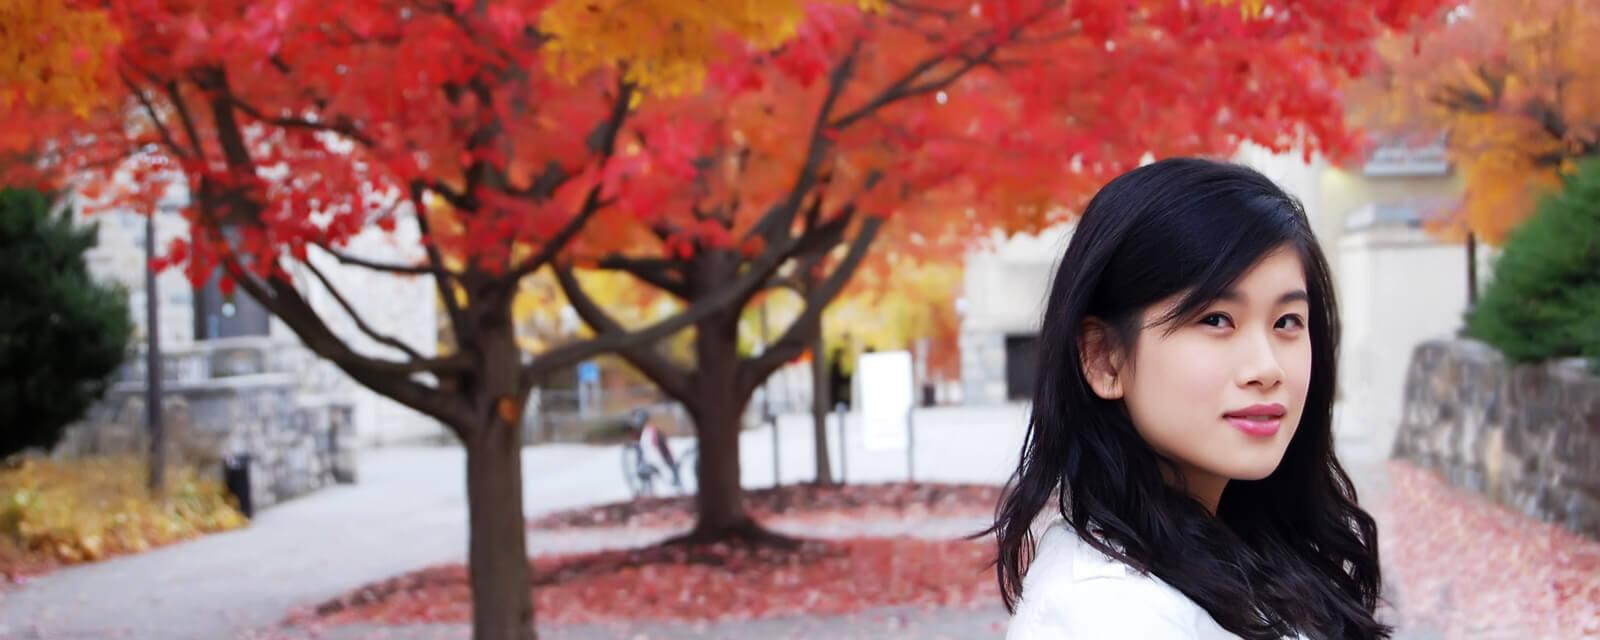 Trần Thị Khánh Nhiên - Virginia Tech University